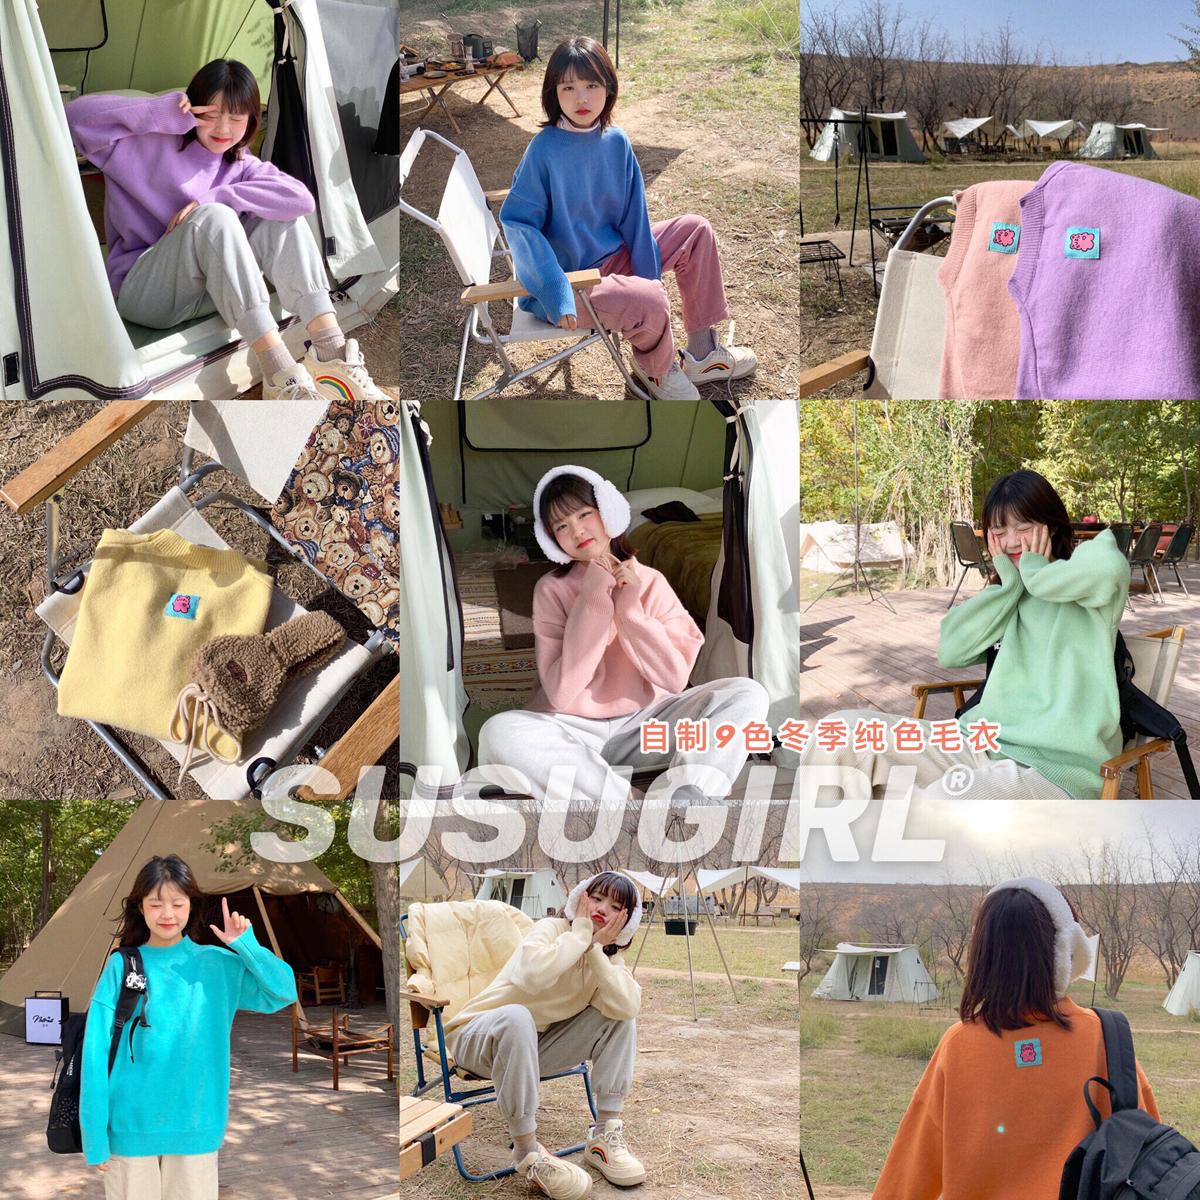 【现货】SUSUGIRL原创自制定染纯色显白宽松圆领套头毛衣女20冬季